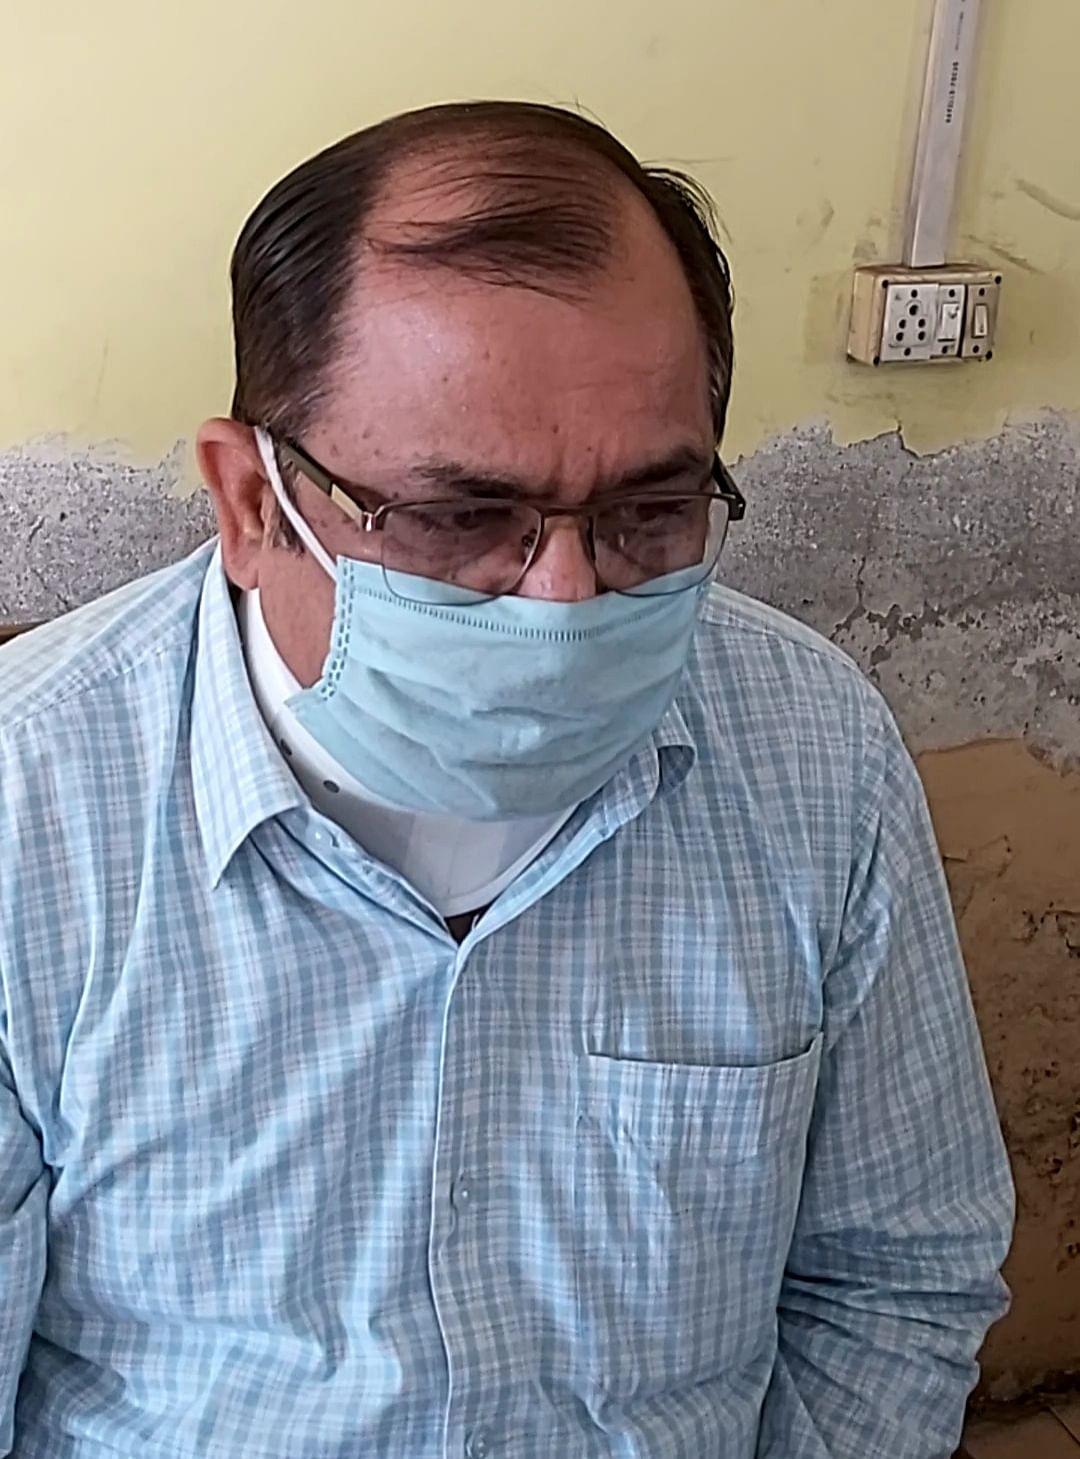 कानपुर : झकरकटी बस स्टैंड में कोविड 19 जांच का लगा निशुल्क जांच शिविर